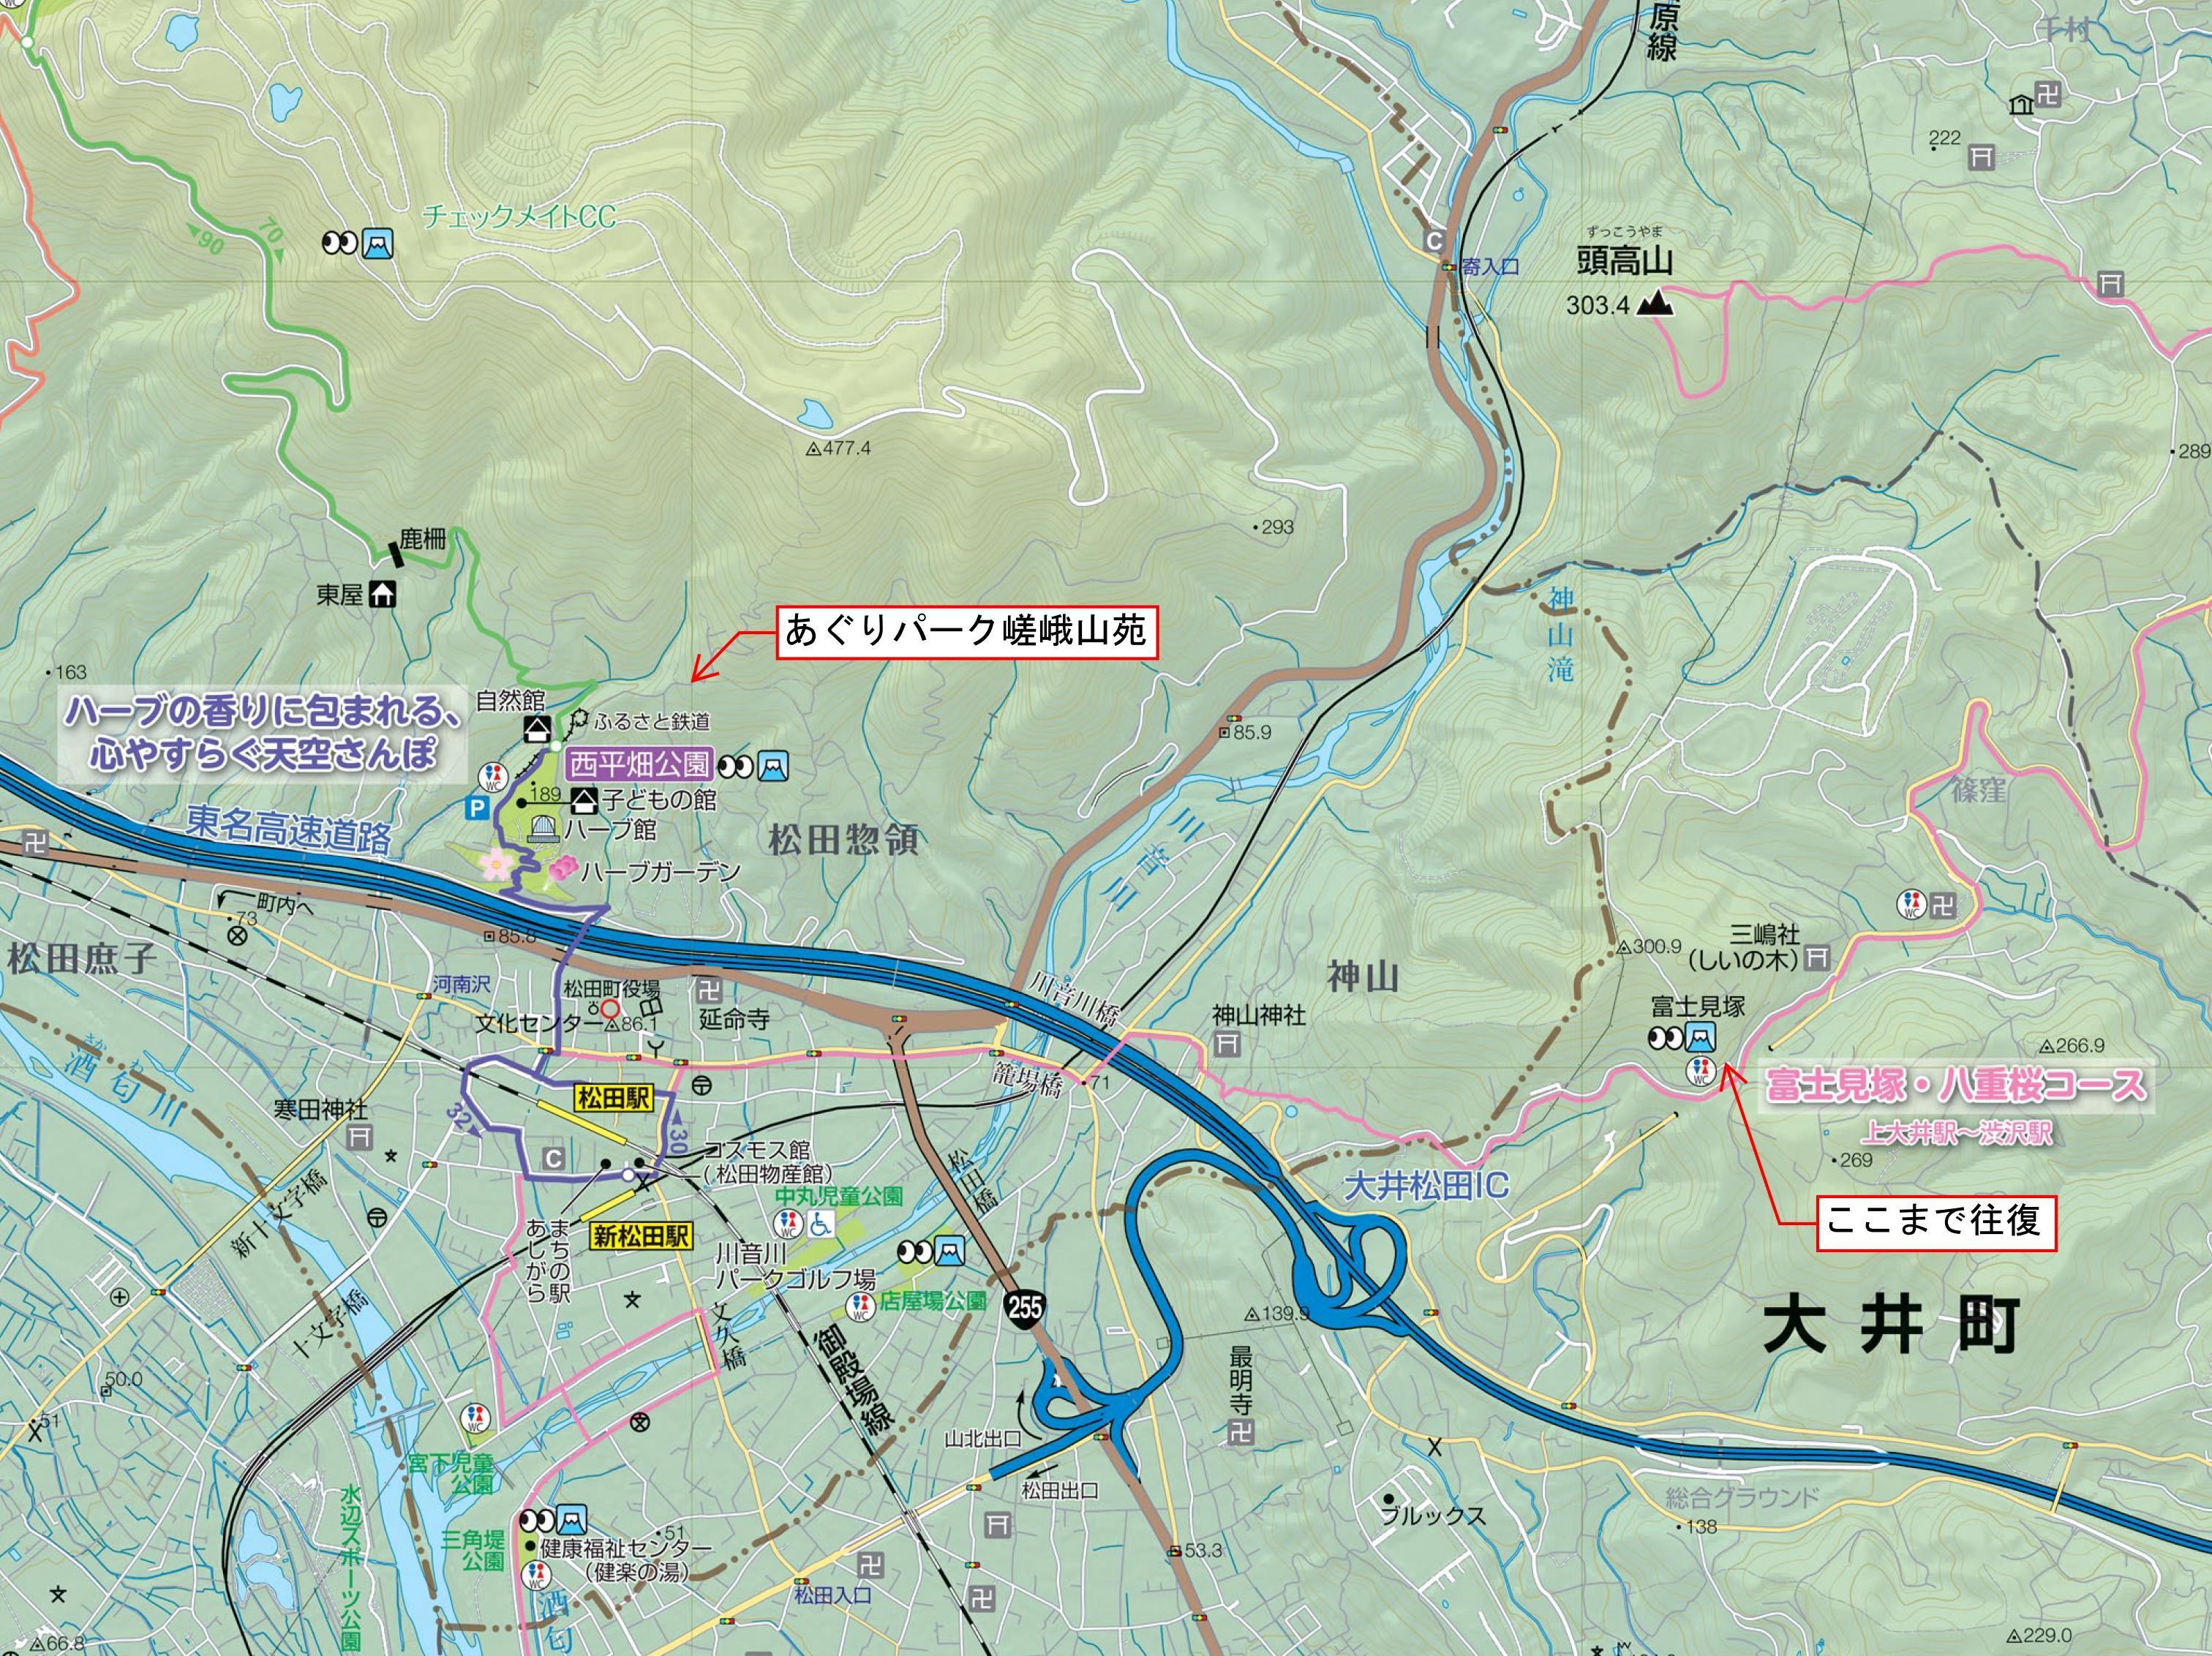 1-松田町ハイキングマップ_02